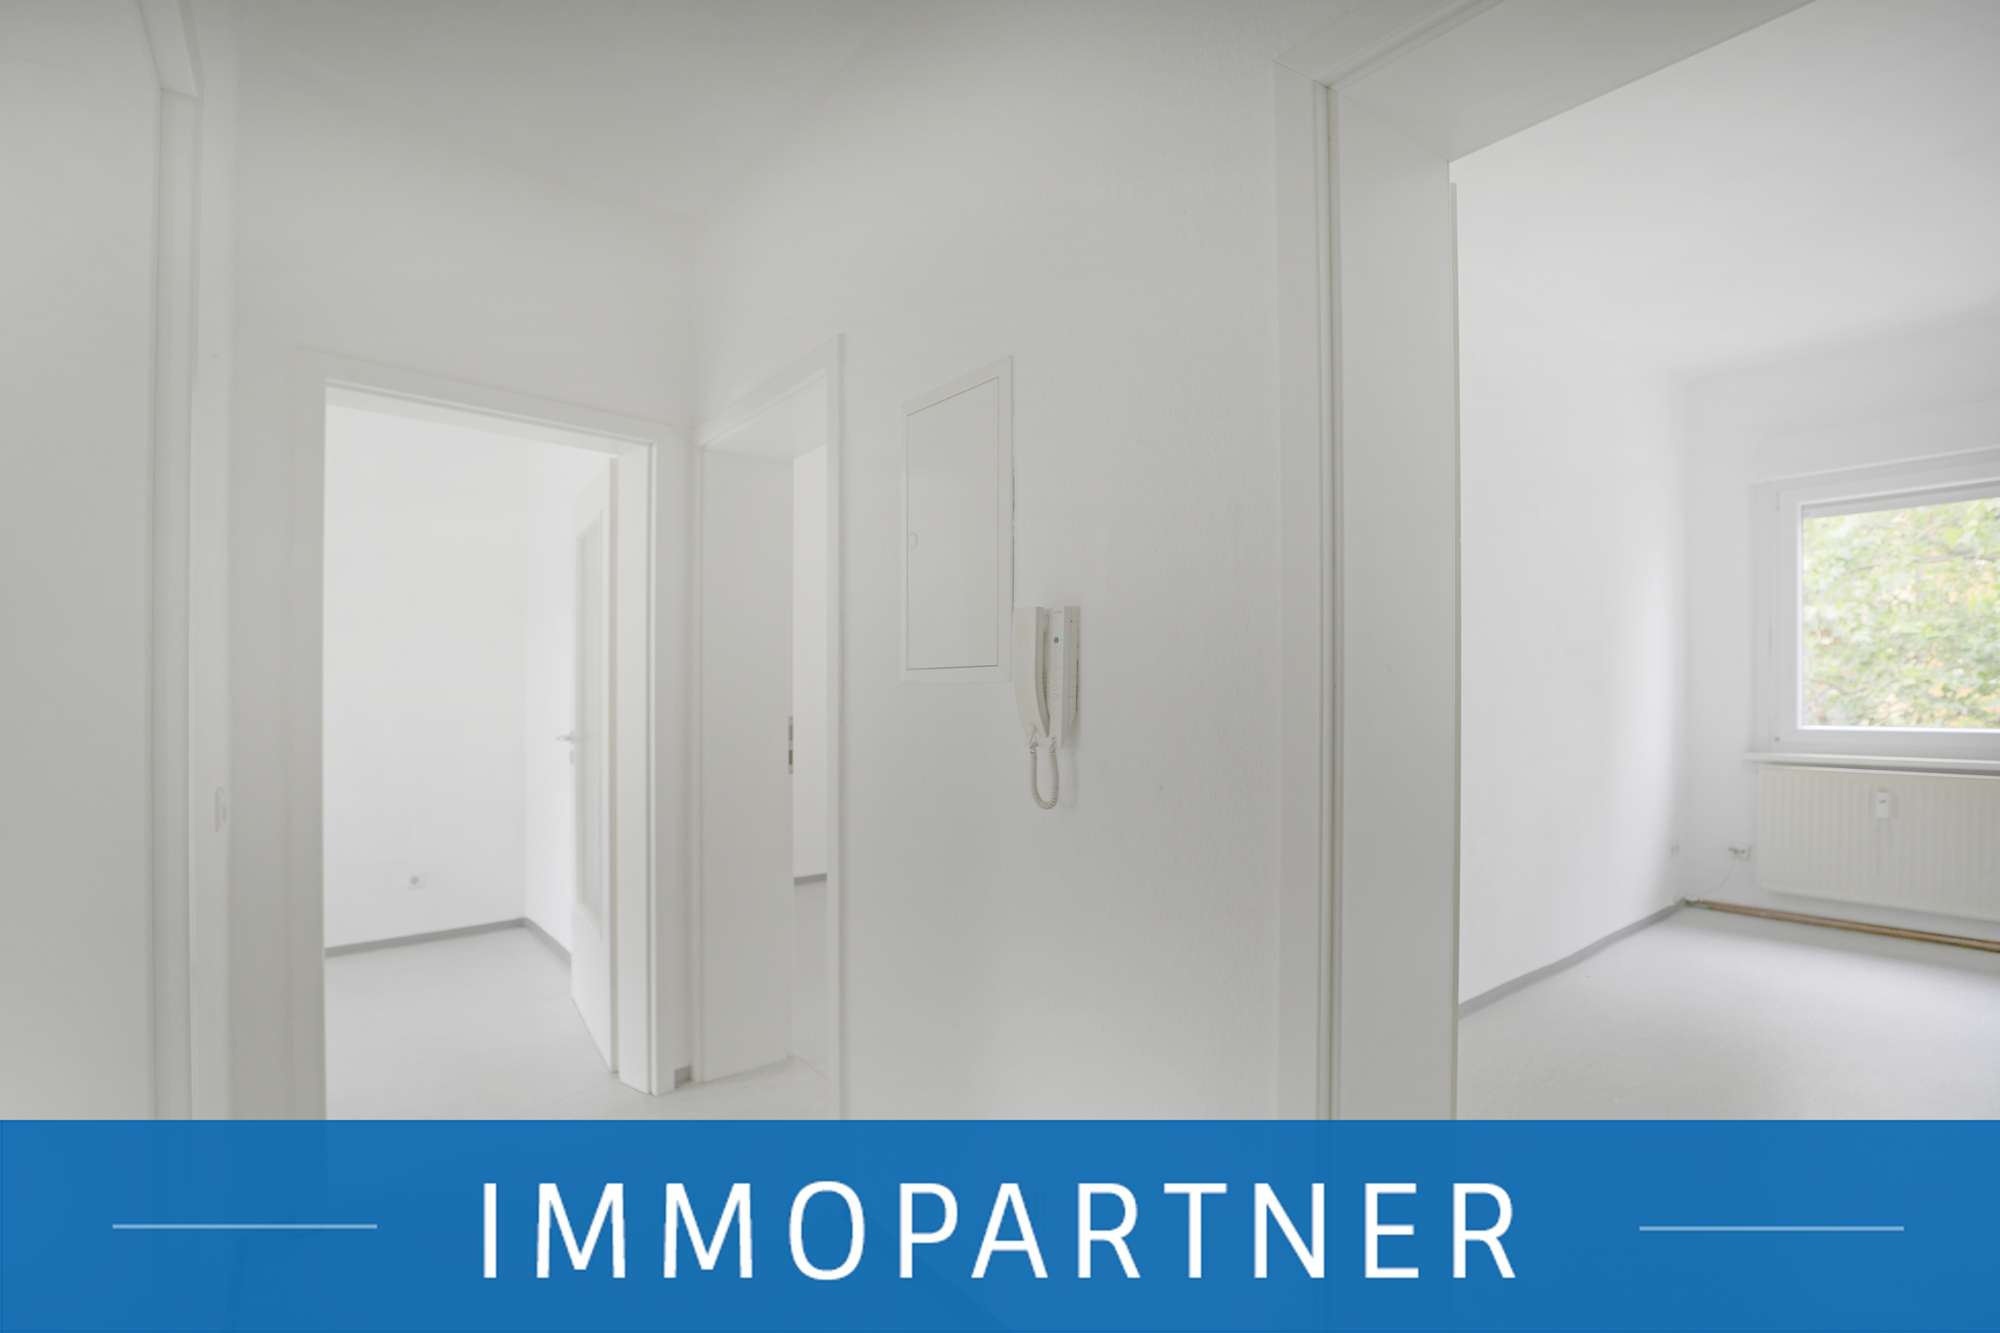 IMMOPARTNER - Neue Wohnung - Neues Glück! in Schweinau (Nürnberg)